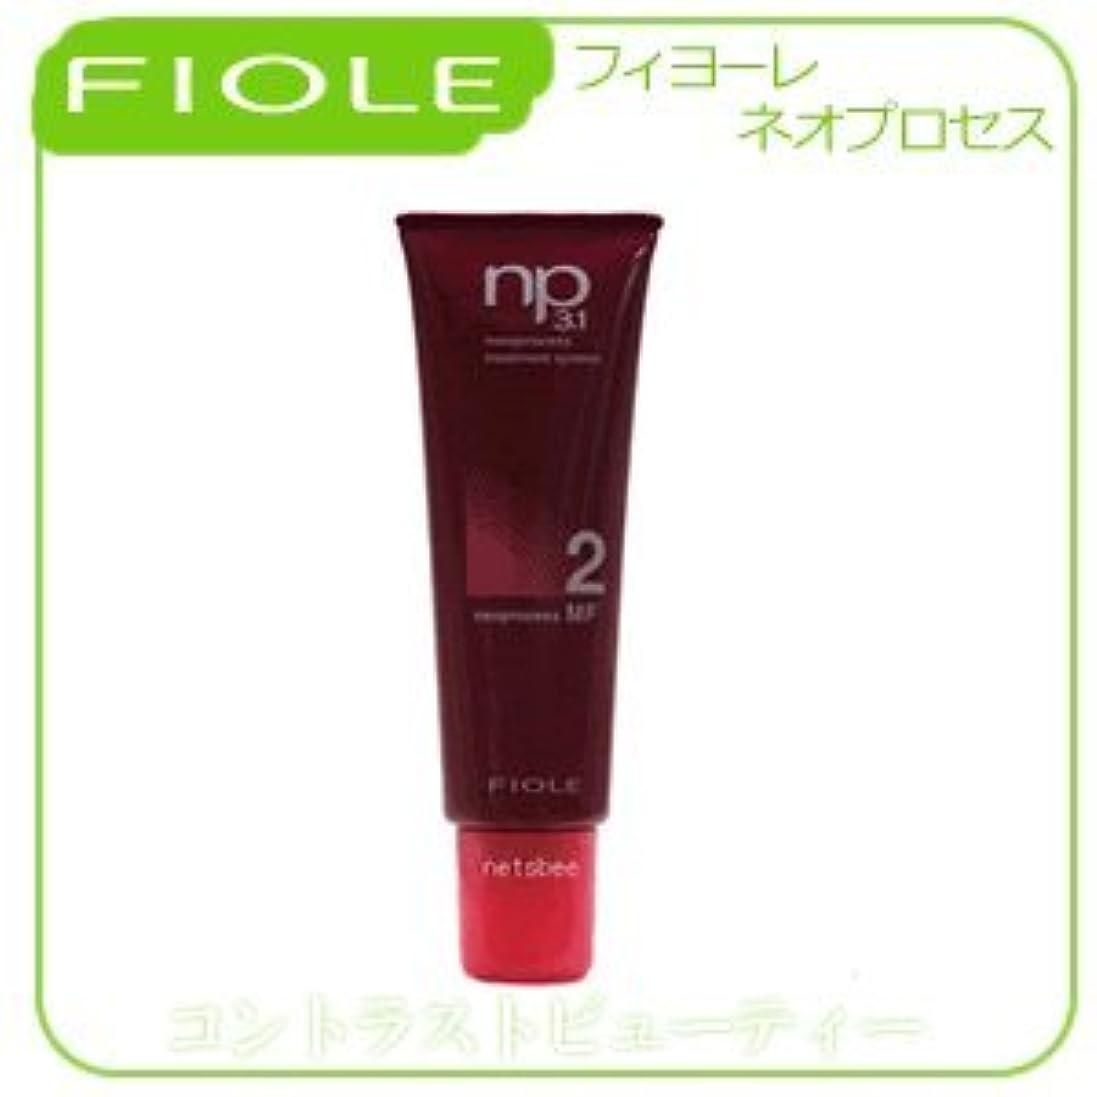 社会科時計詐欺フィヨーレ NP3.1 ネオプロセス MF2 130g FIOLE ネオプロセス